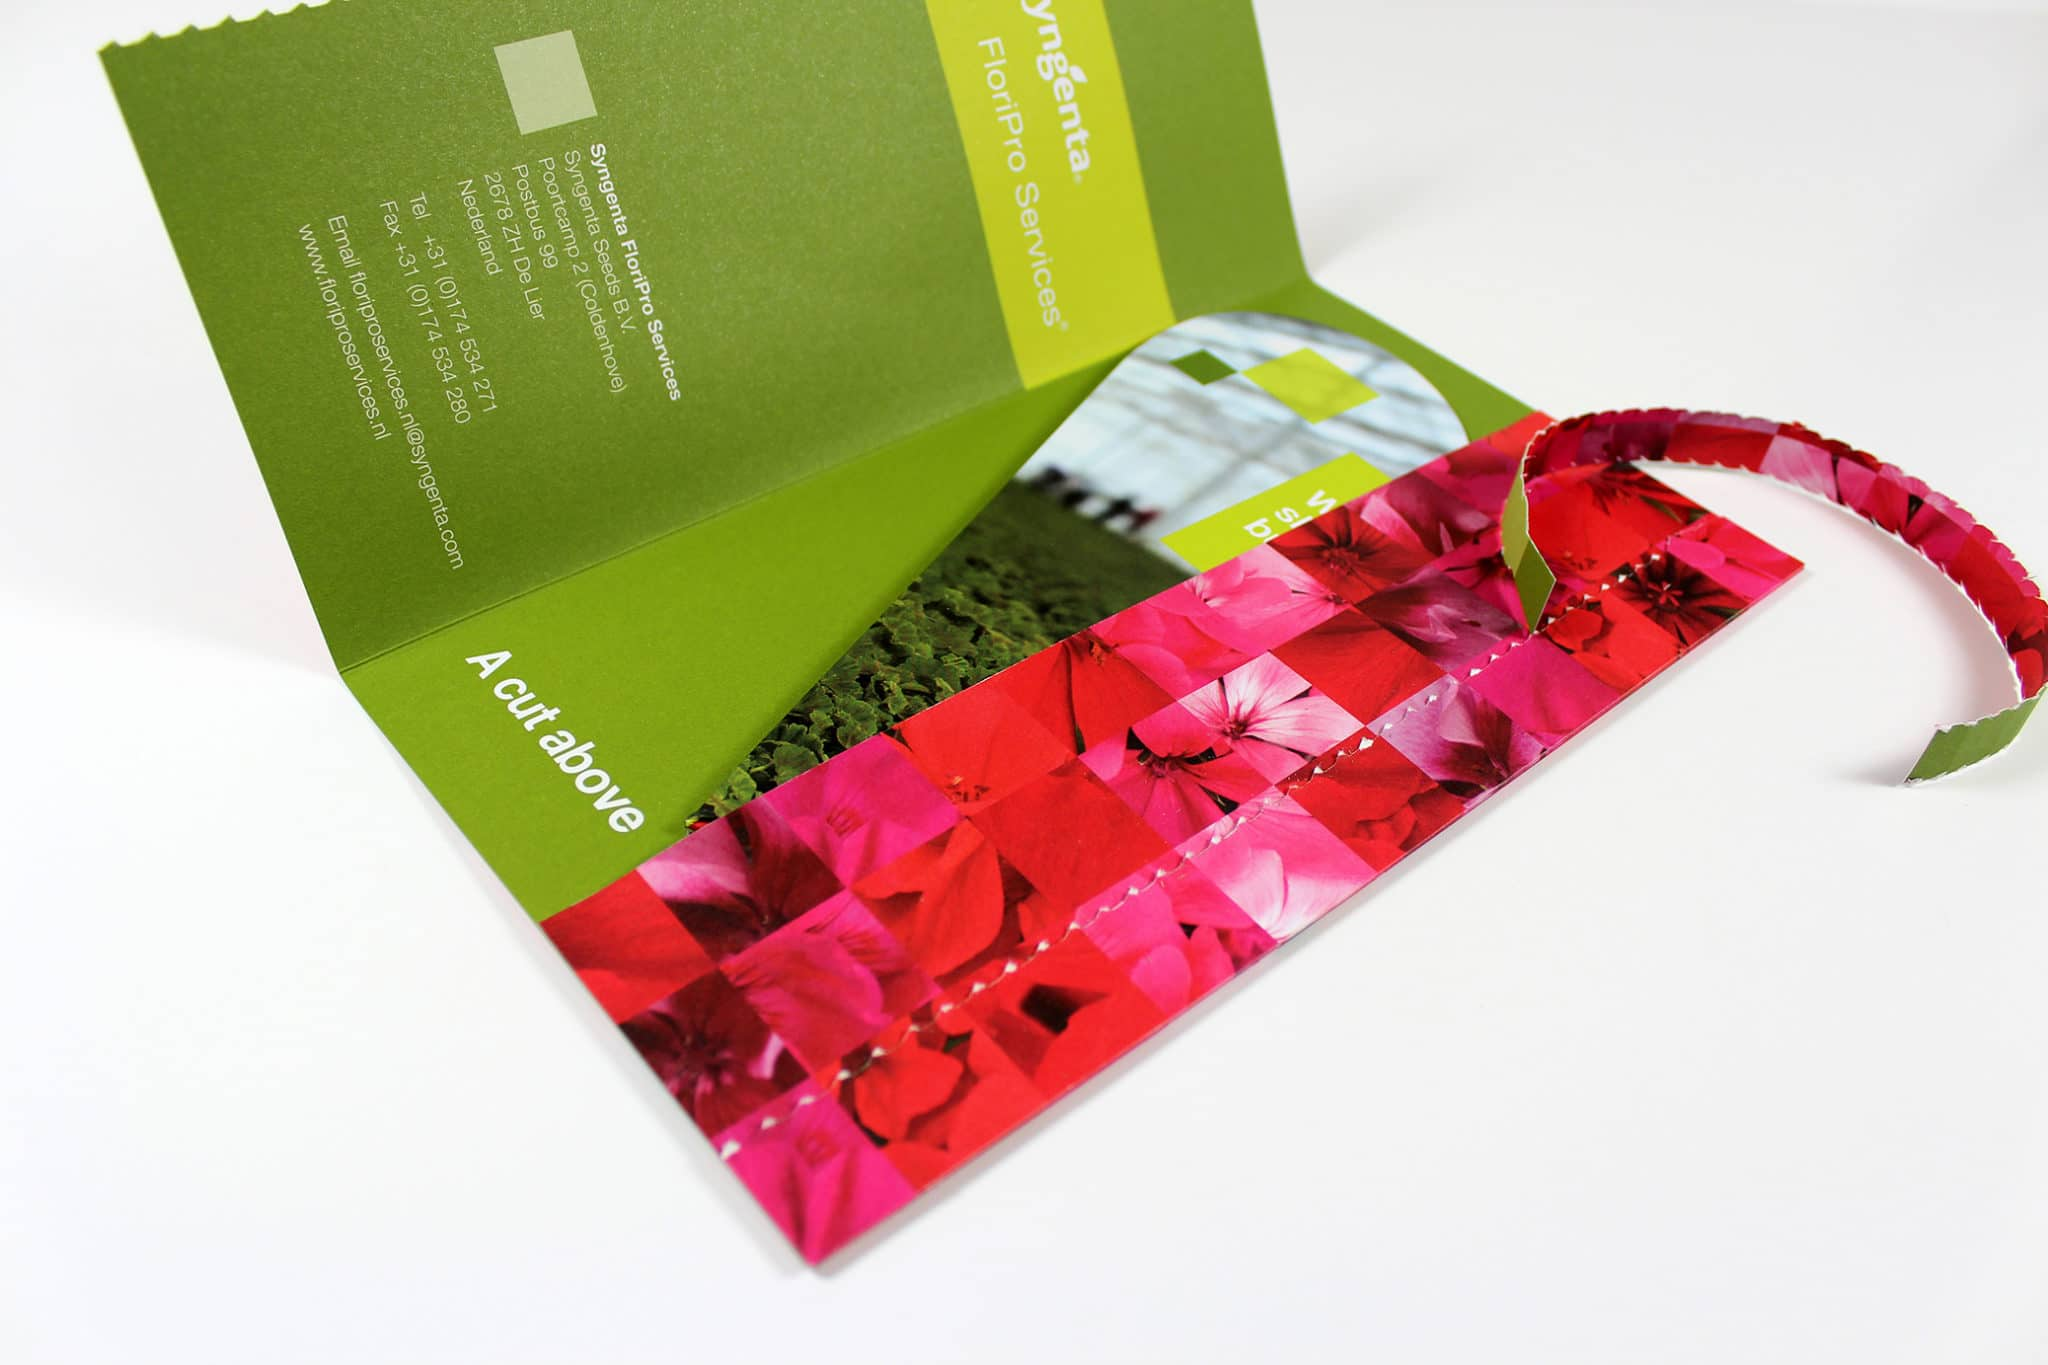 Printed die-cut tear-off Mailer for Syngenta